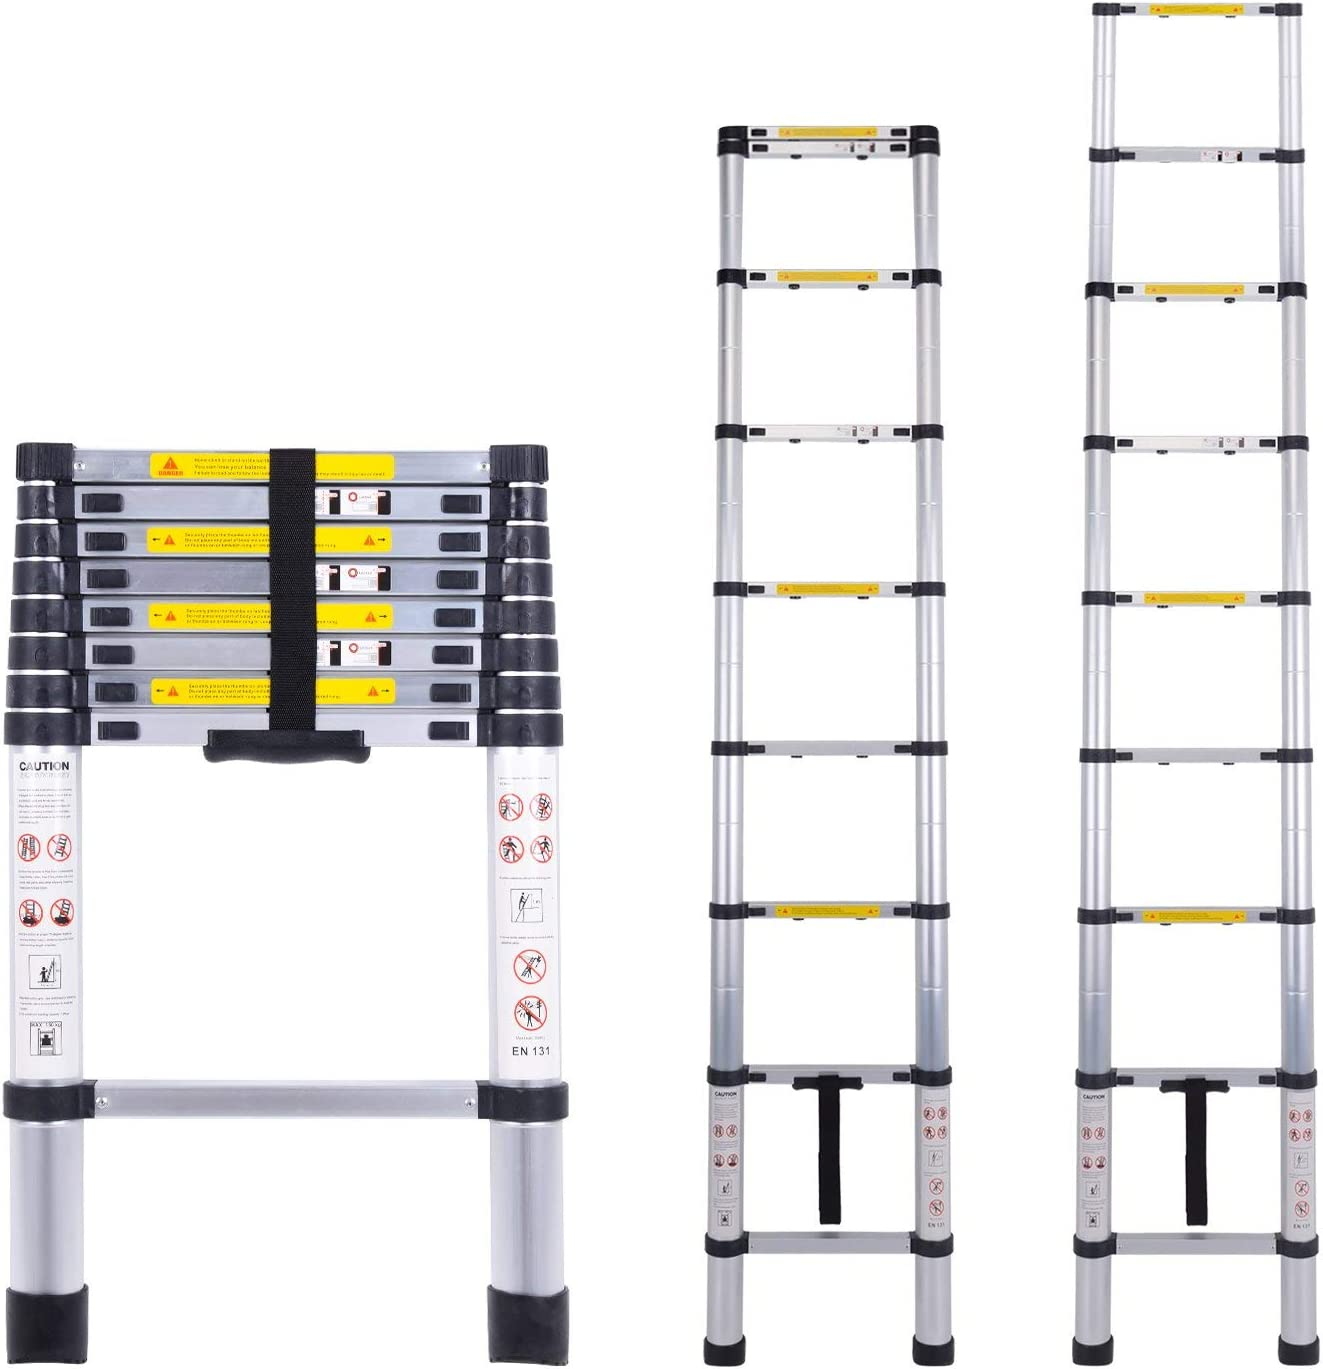 Escalera telescópica multiusos de aluminio portátil Escalera plegable y extensible EN131 y normas CE(2.6M): Amazon.es: Bricolaje y herramientas